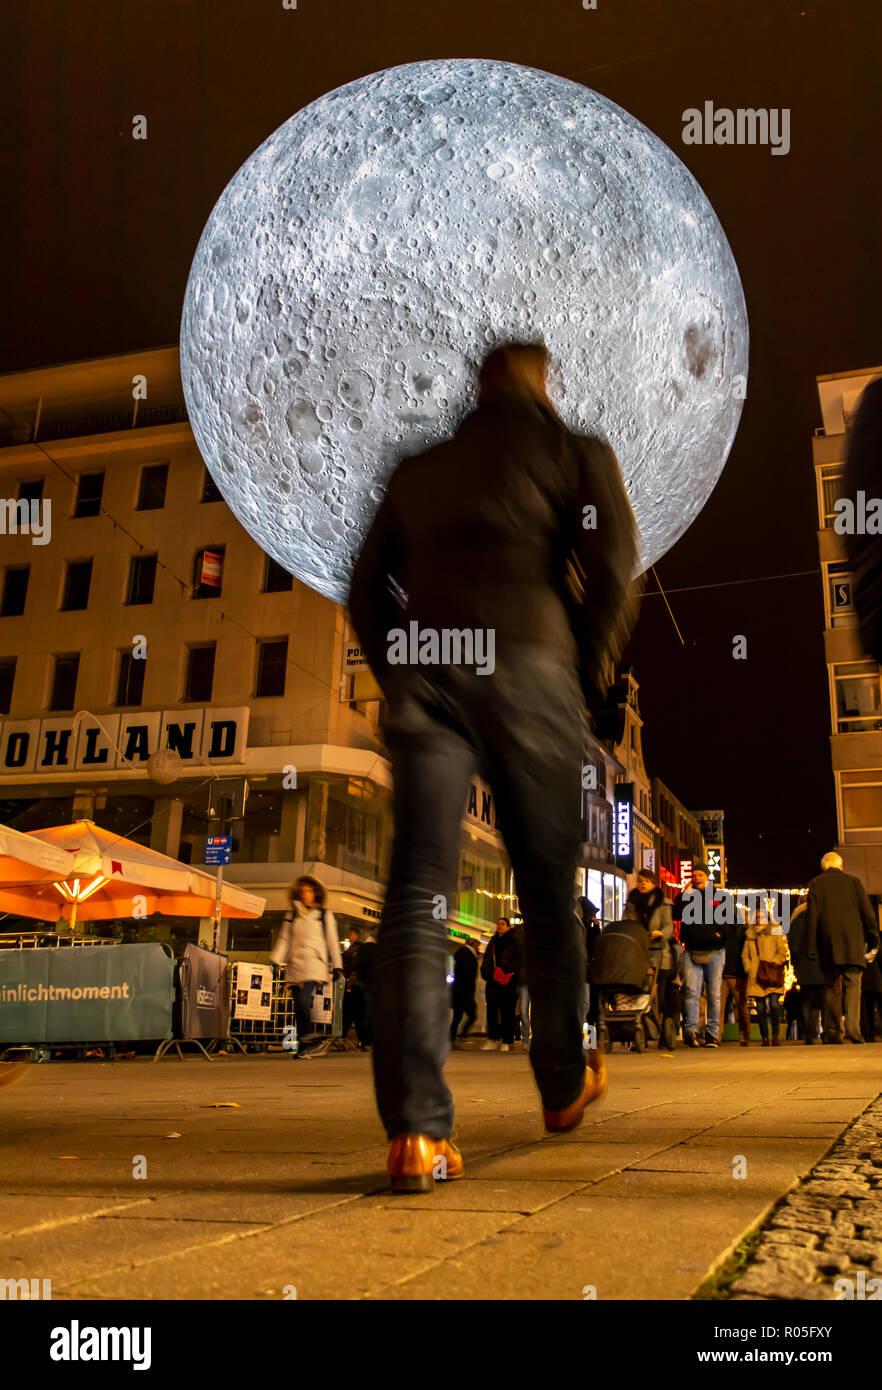 Light Festival de Essen, luz instalaciones de arte en el centro de la ciudad de Essen, Museo de la Luna, gran luna, hecho de NASA fotos, street, shoppi Kettwiger Imagen De Stock